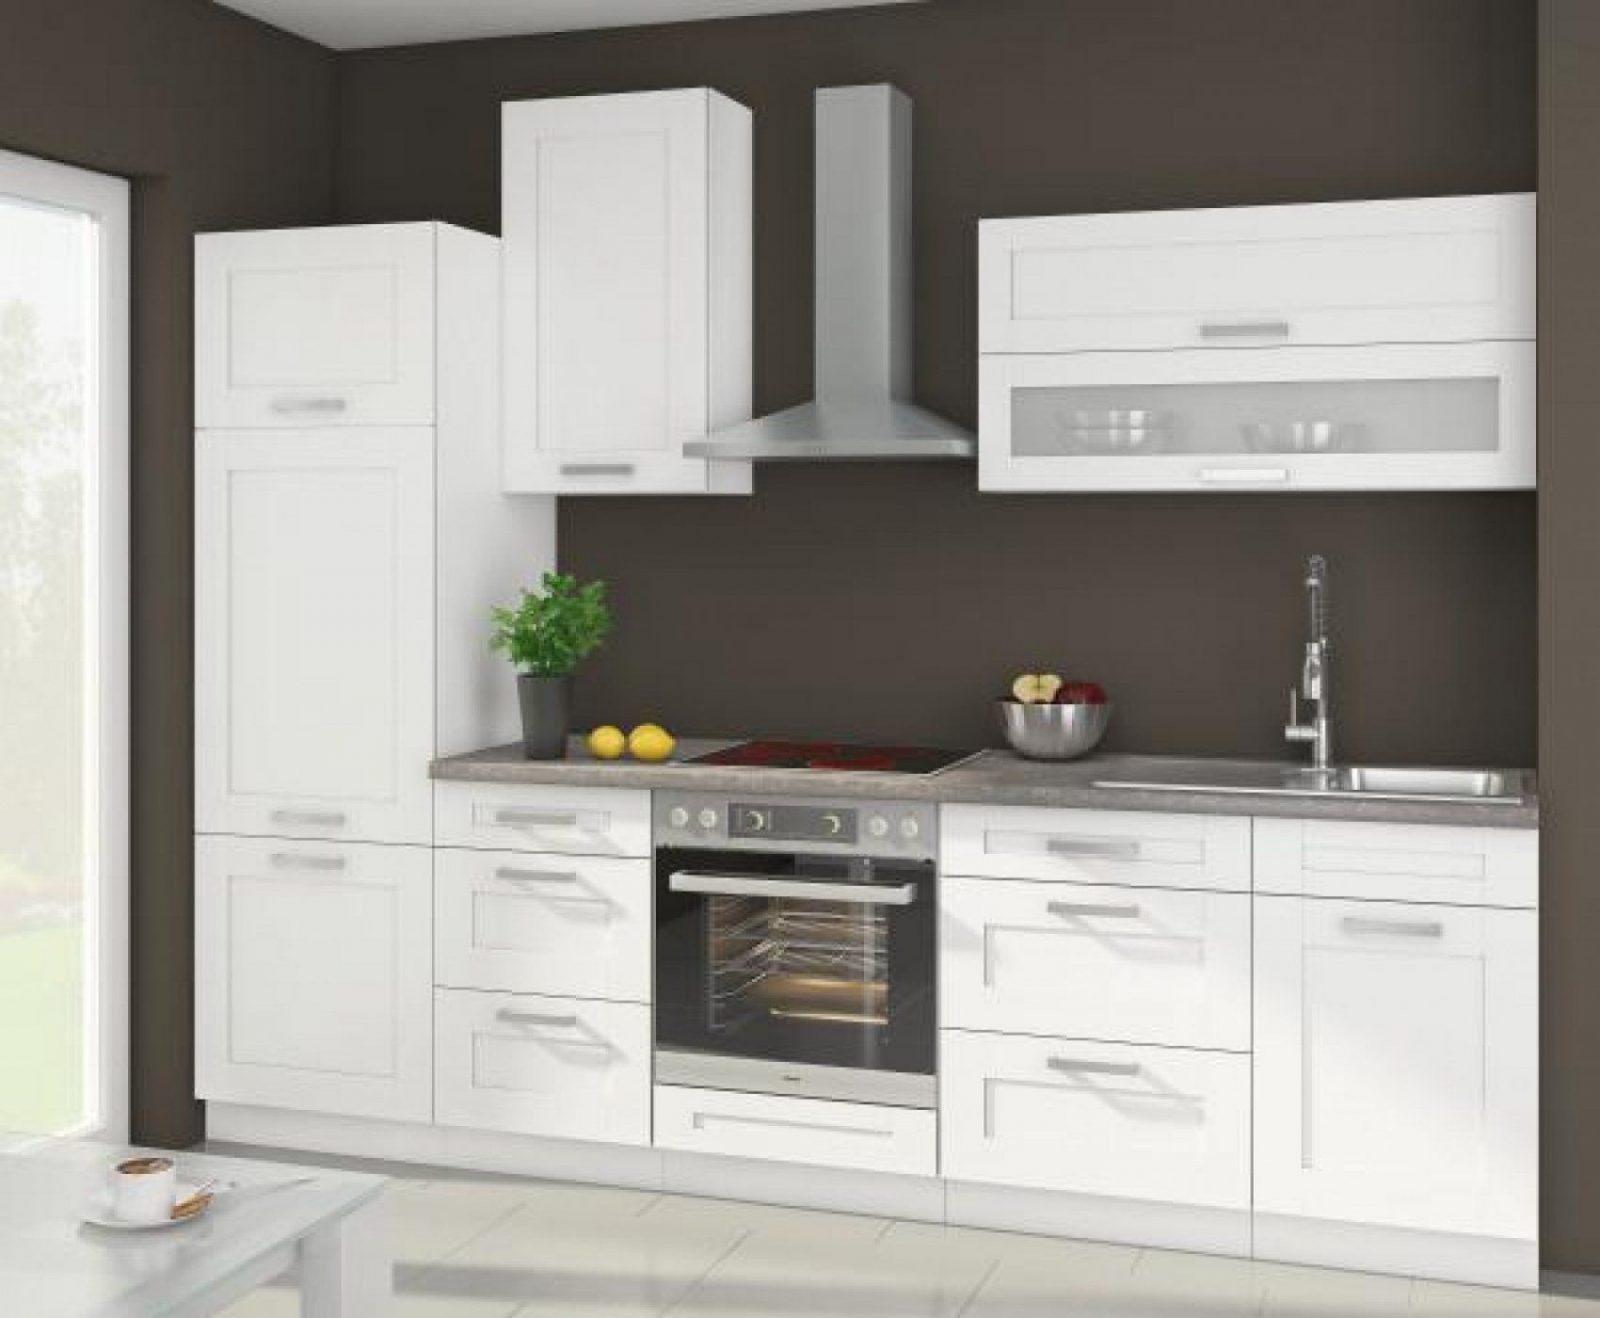 Küchenzeile Ohne Kühlschrank  Ocaccept von Küchenzeile Mit Geschirrspüler Ohne Kühlschrank Bild